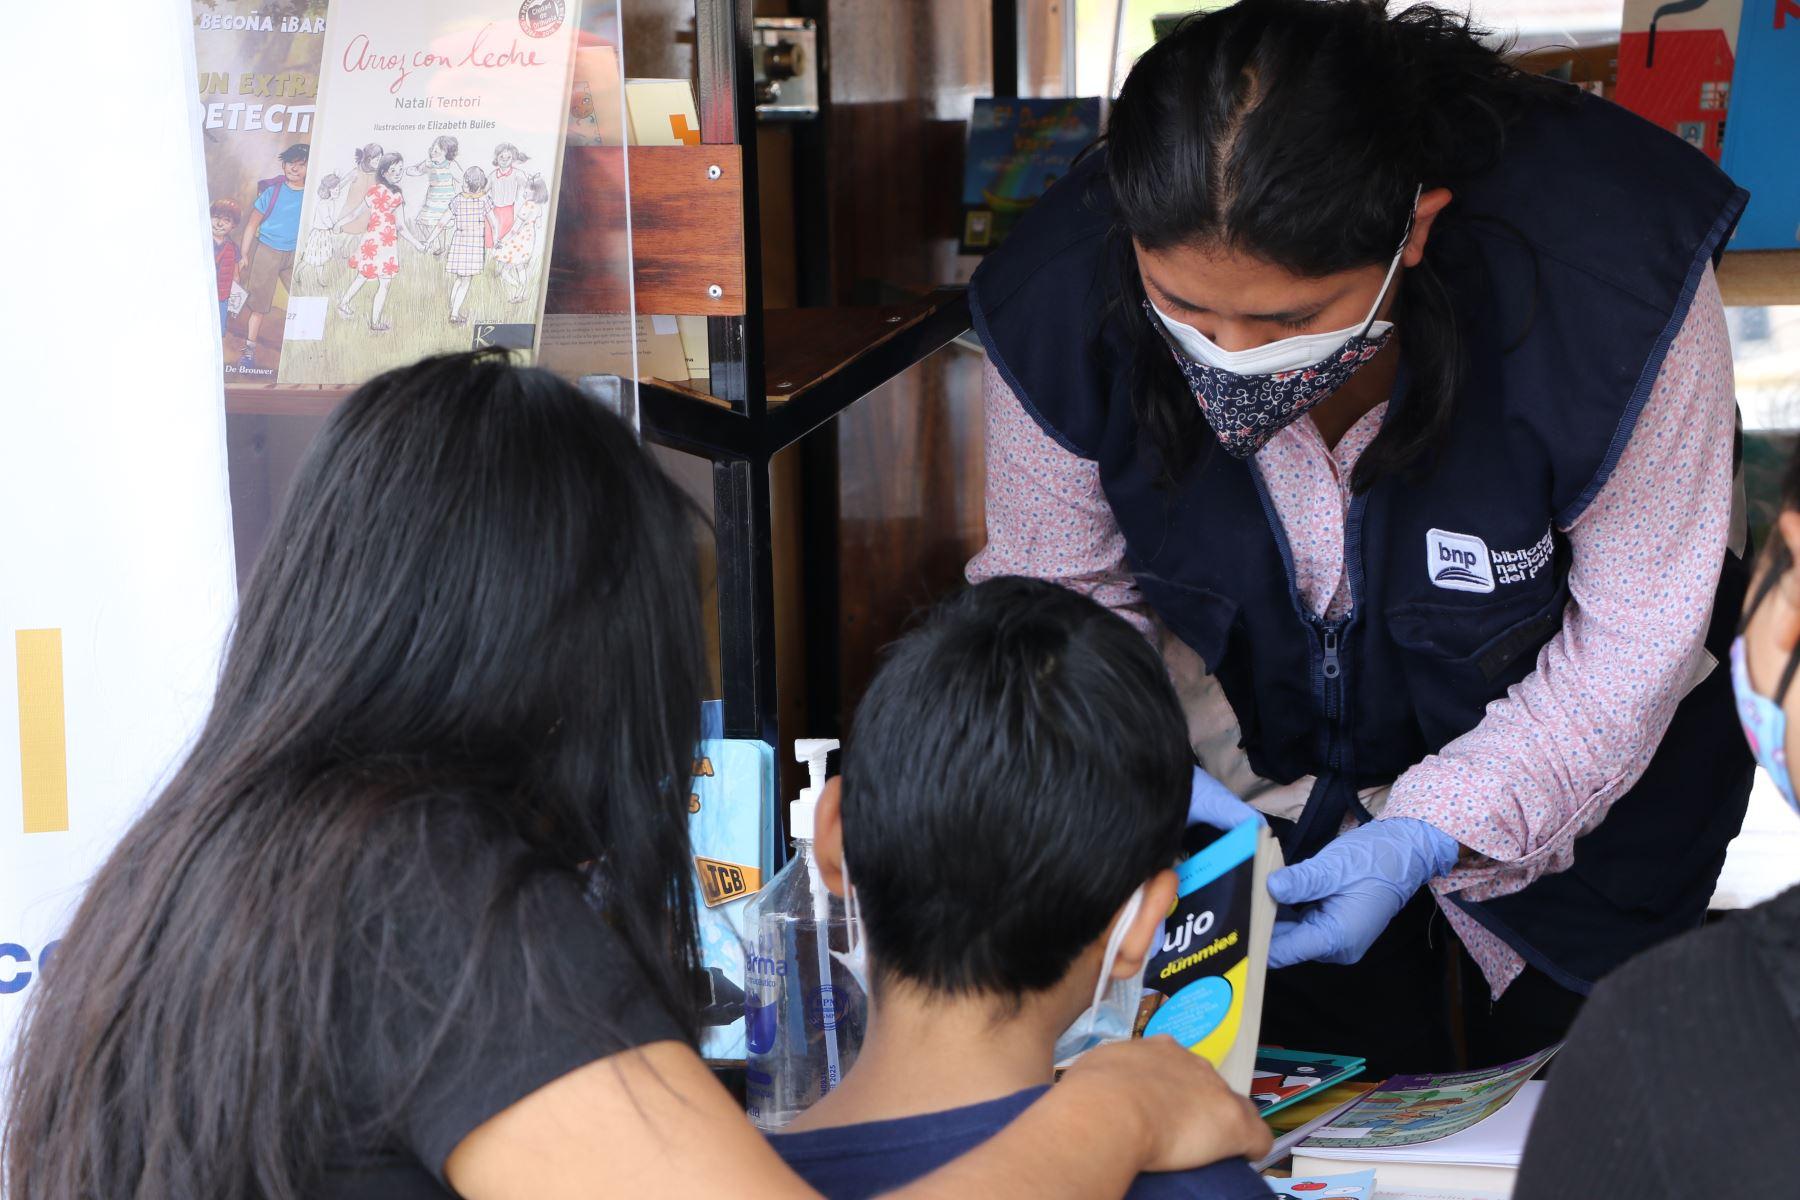 BNP: Bibliomóvil llega a Mirones Bajo con 550 títulos para fomentar la lectura